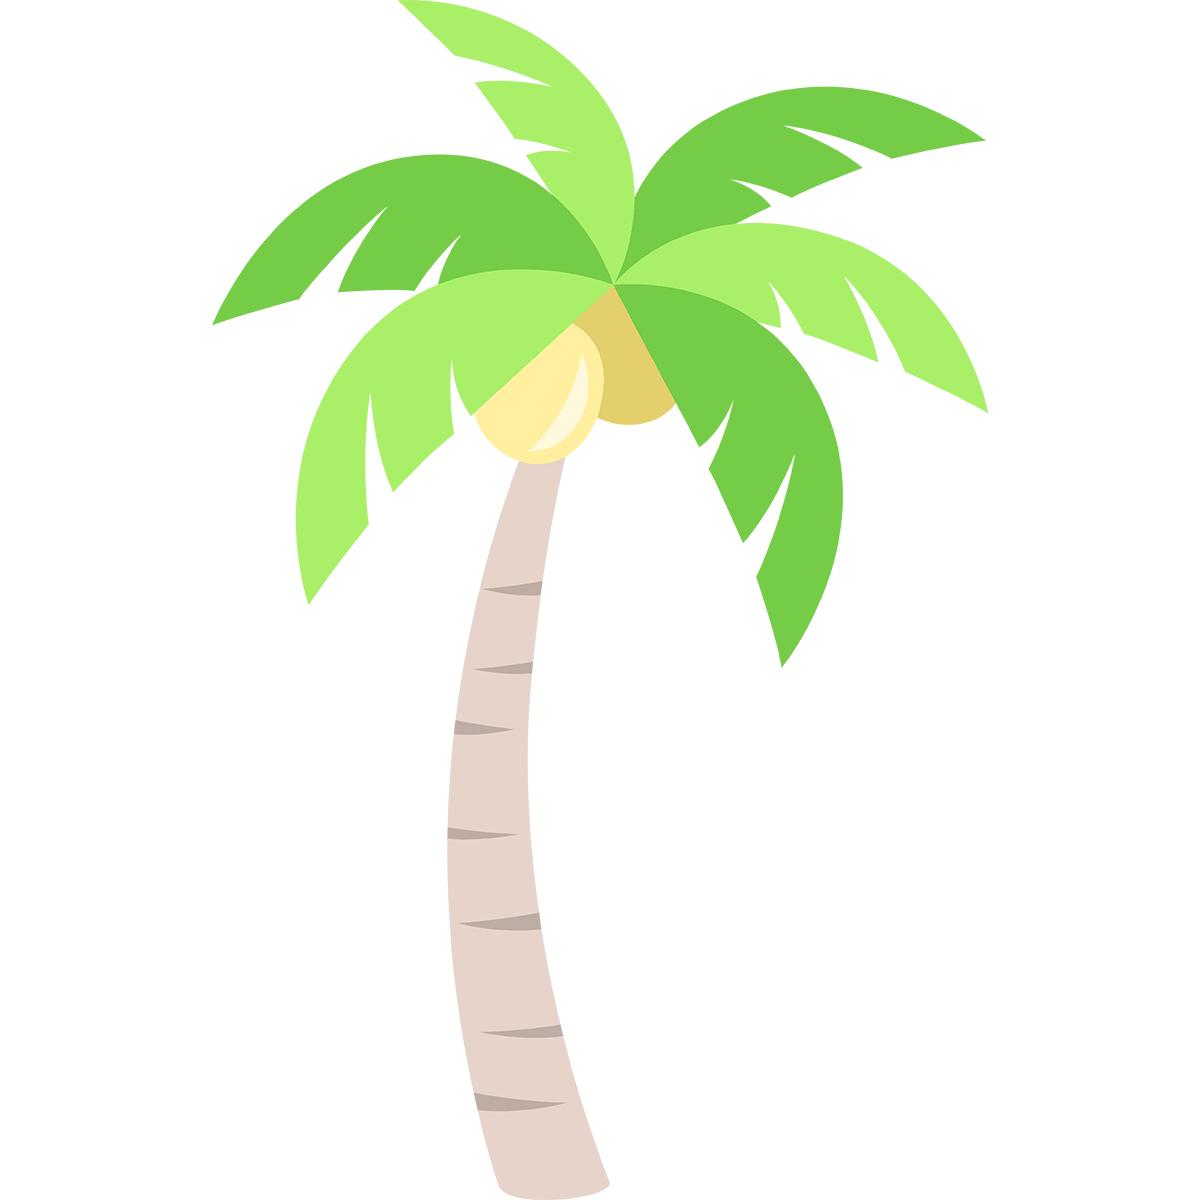 ヤシの木の無料イラスト